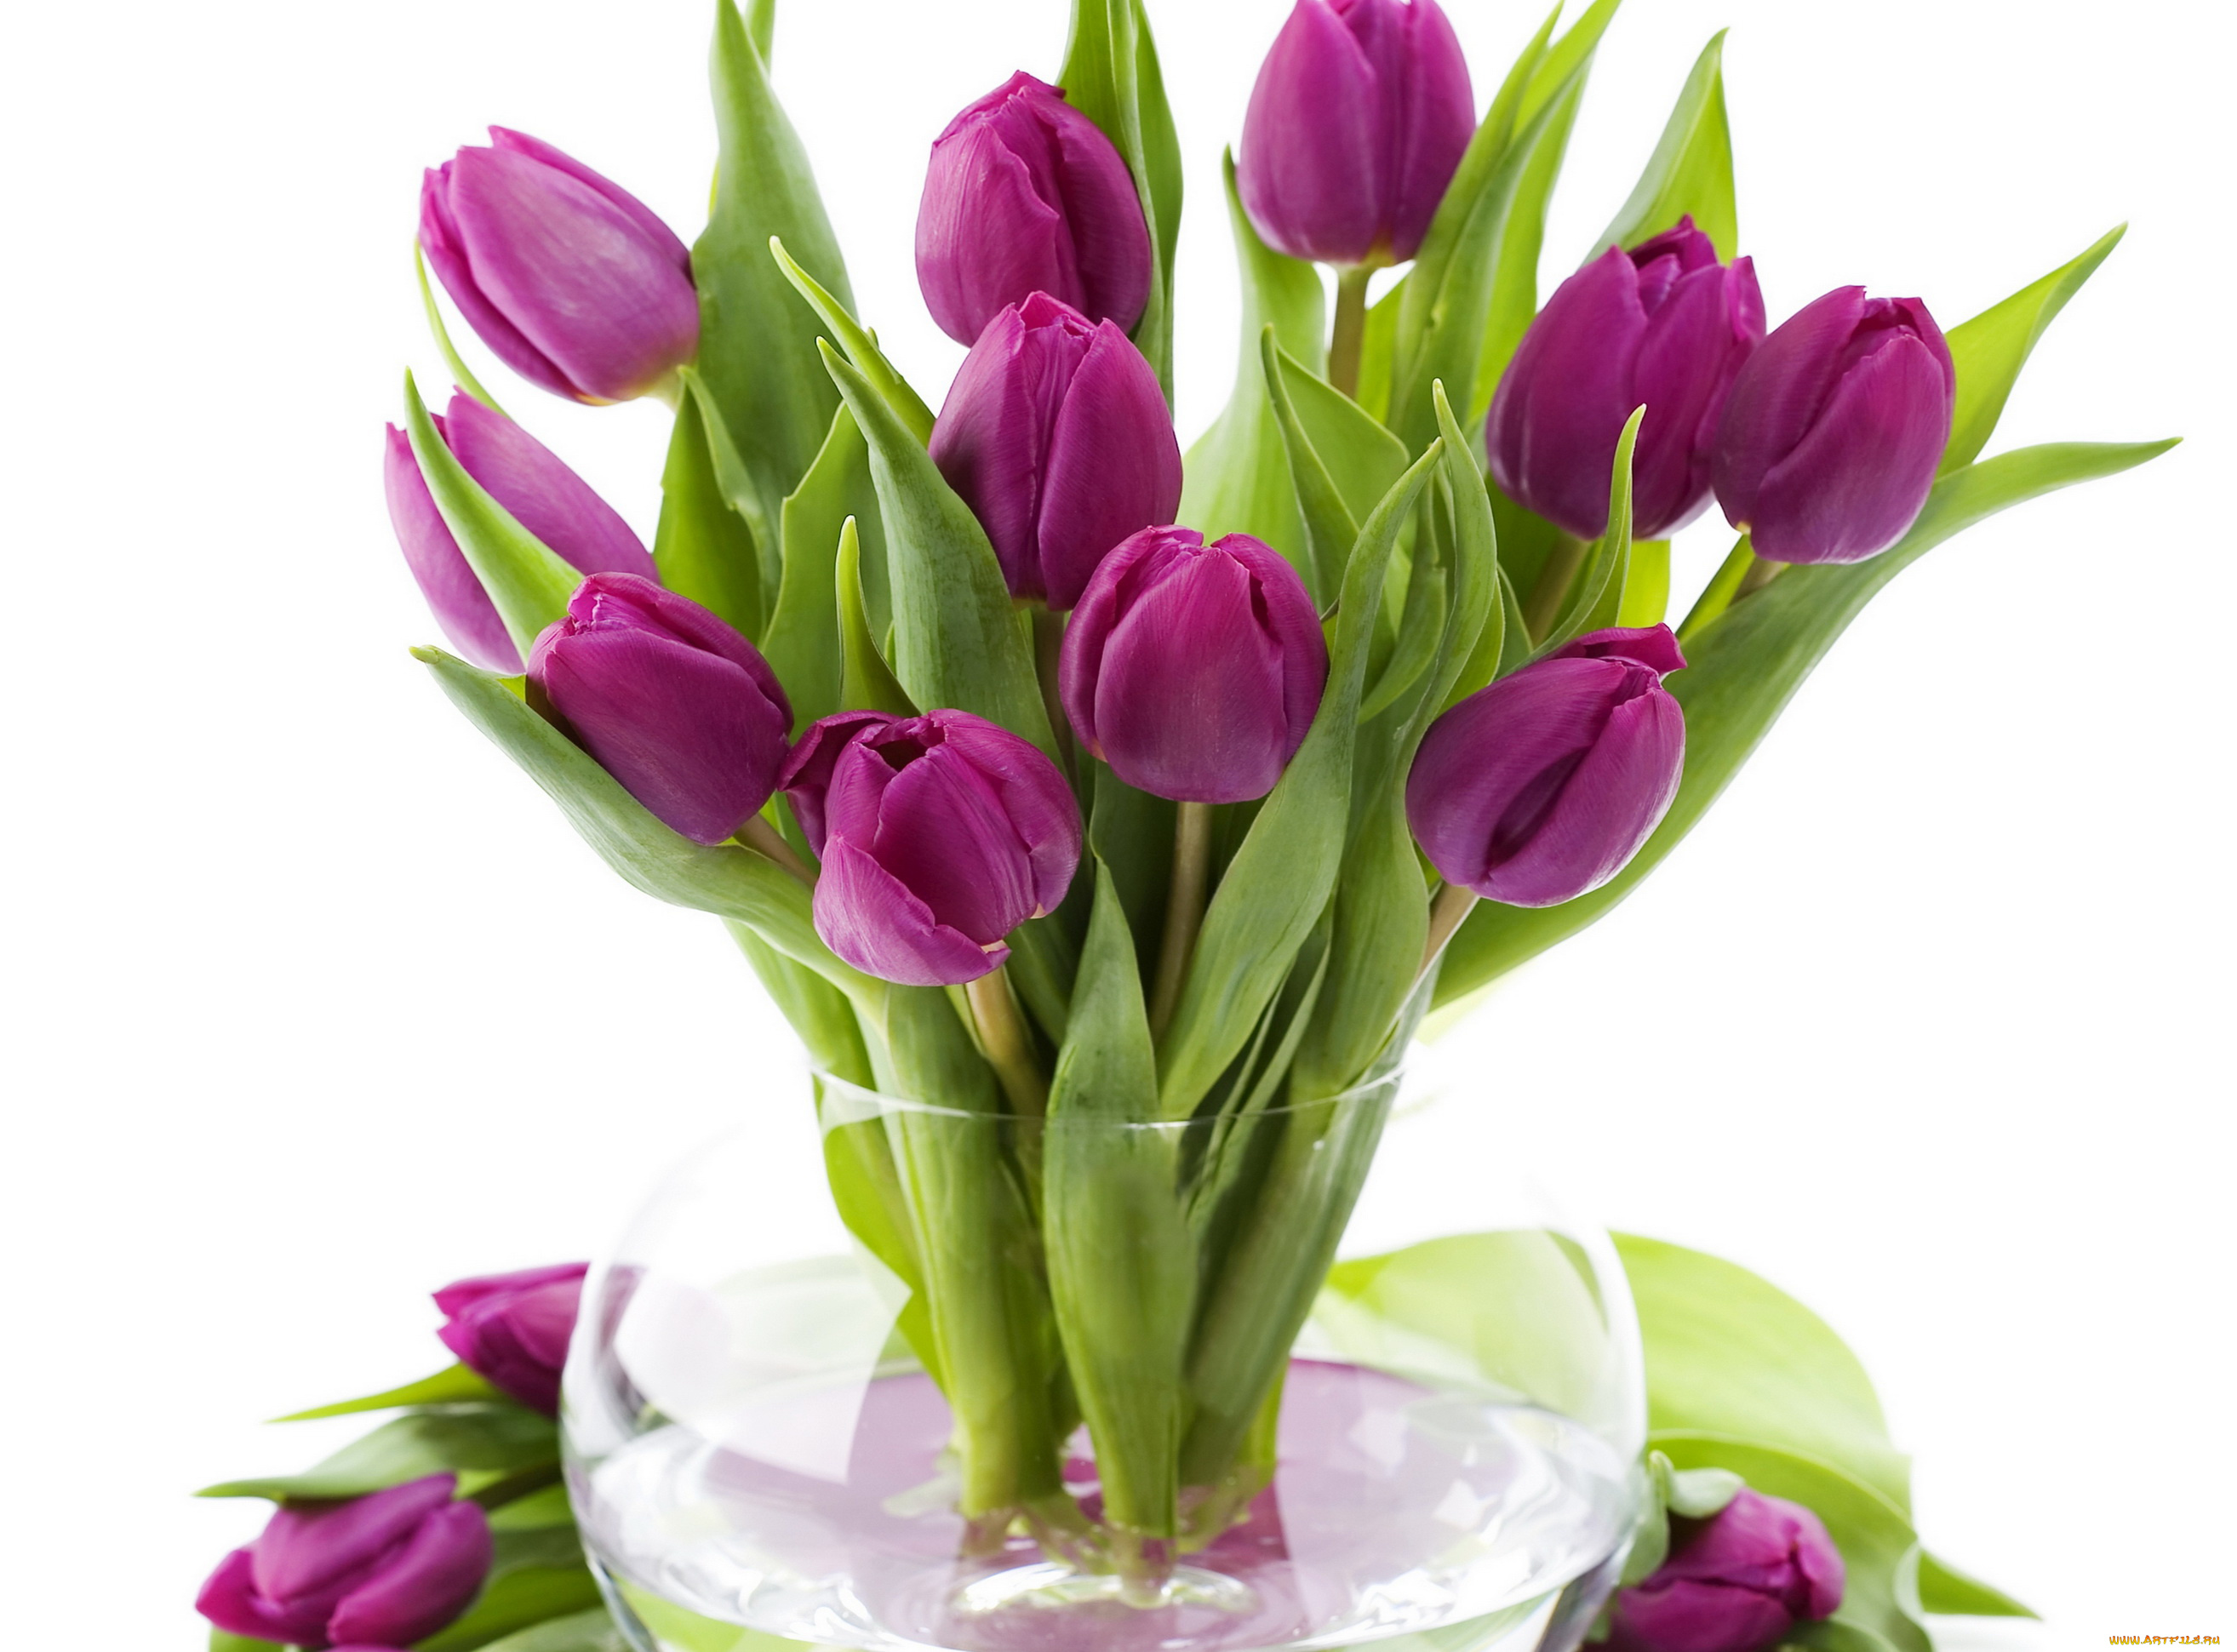 Открытки с днем рождения цветы тюльпаны, глухонемых прикольные картинки